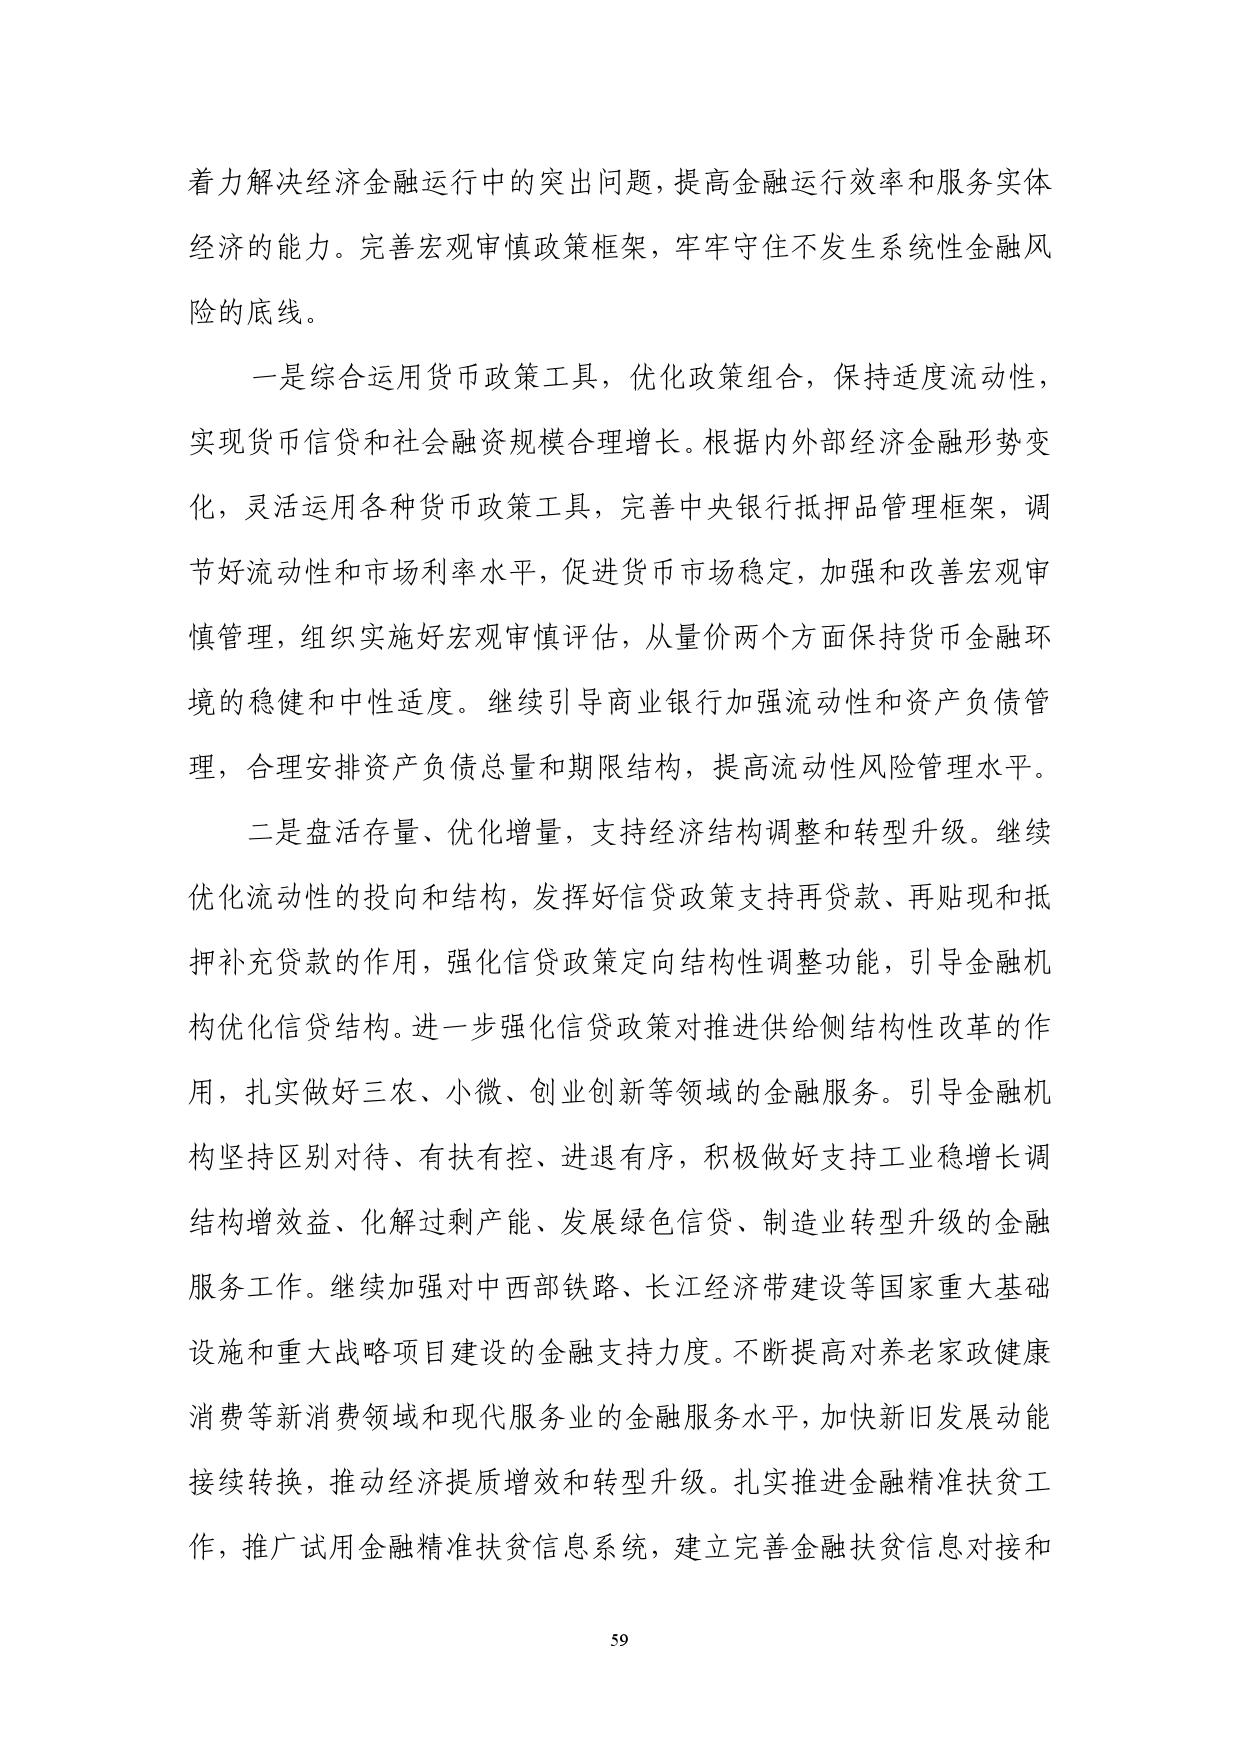 2016年Q2中国货币政策执行报告_000065